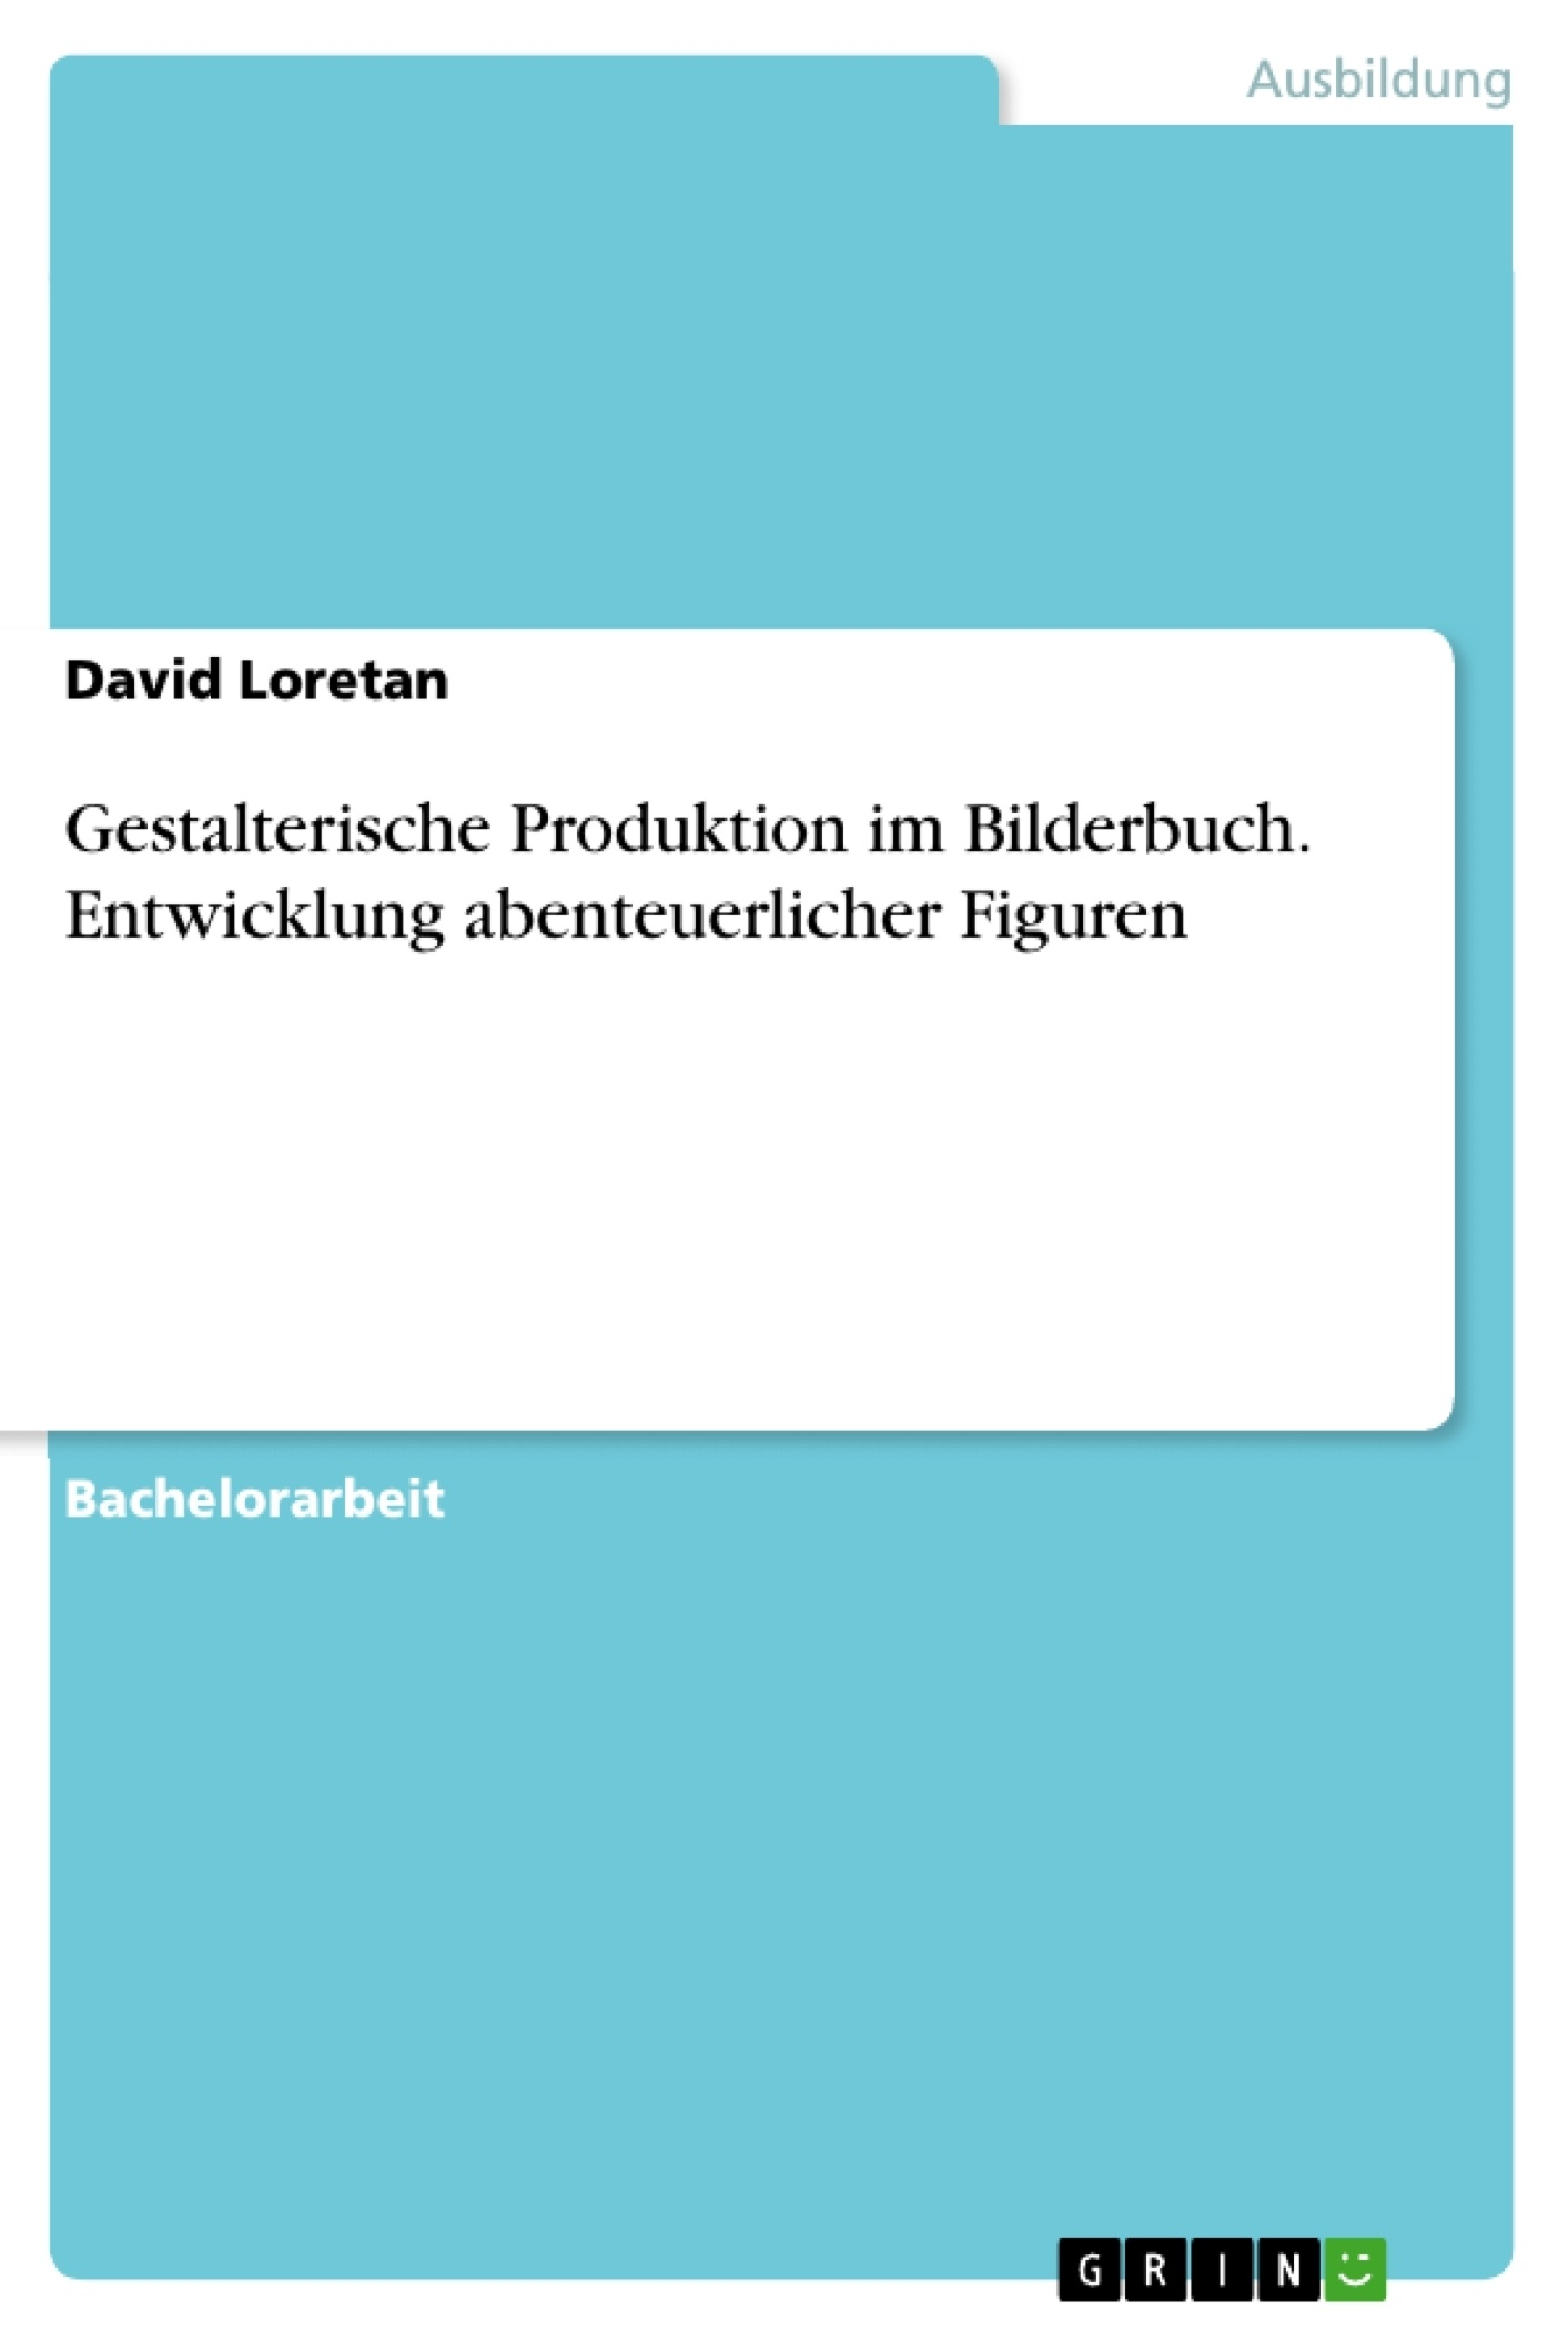 Titel: Gestalterische Produktion im Bilderbuch. Entwicklung abenteuerlicher Figuren